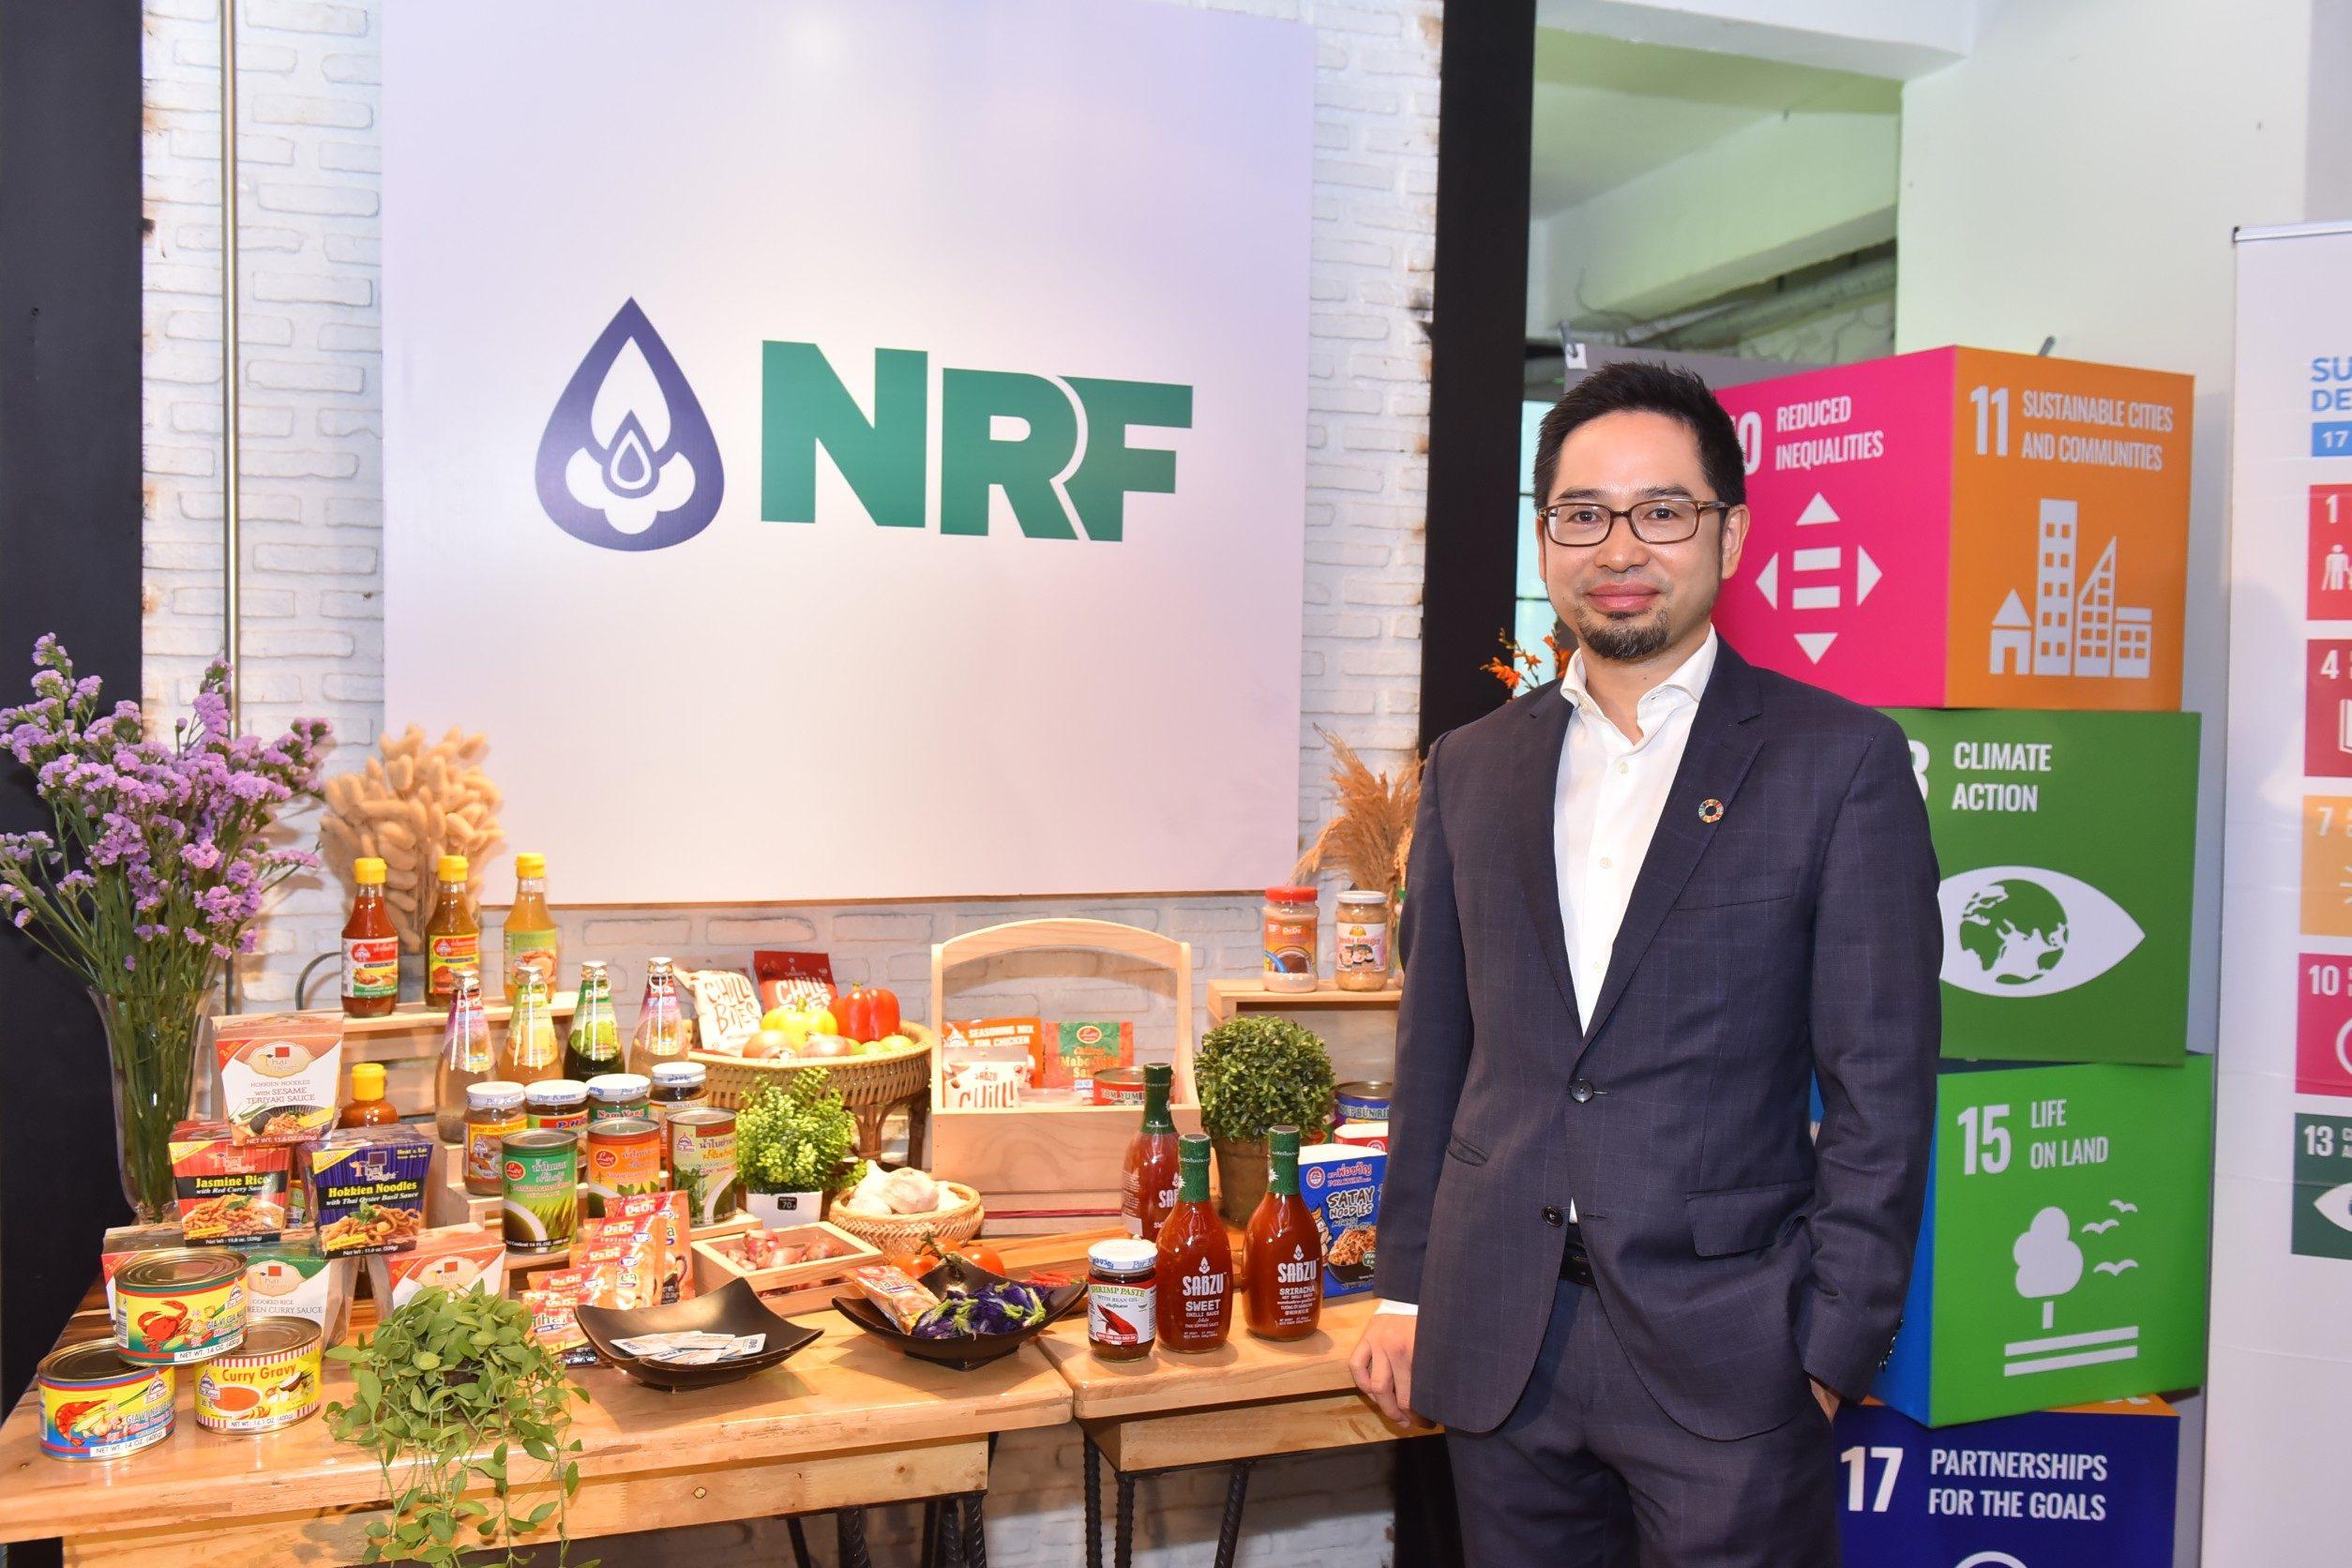 'เอ็นอาร์เอฟ'รุกผลิตภัณฑ์อาหารแห่งอนาคต ตั้งเป้าเป็นผู้ผลิตอาหารชั้นนำของโลก